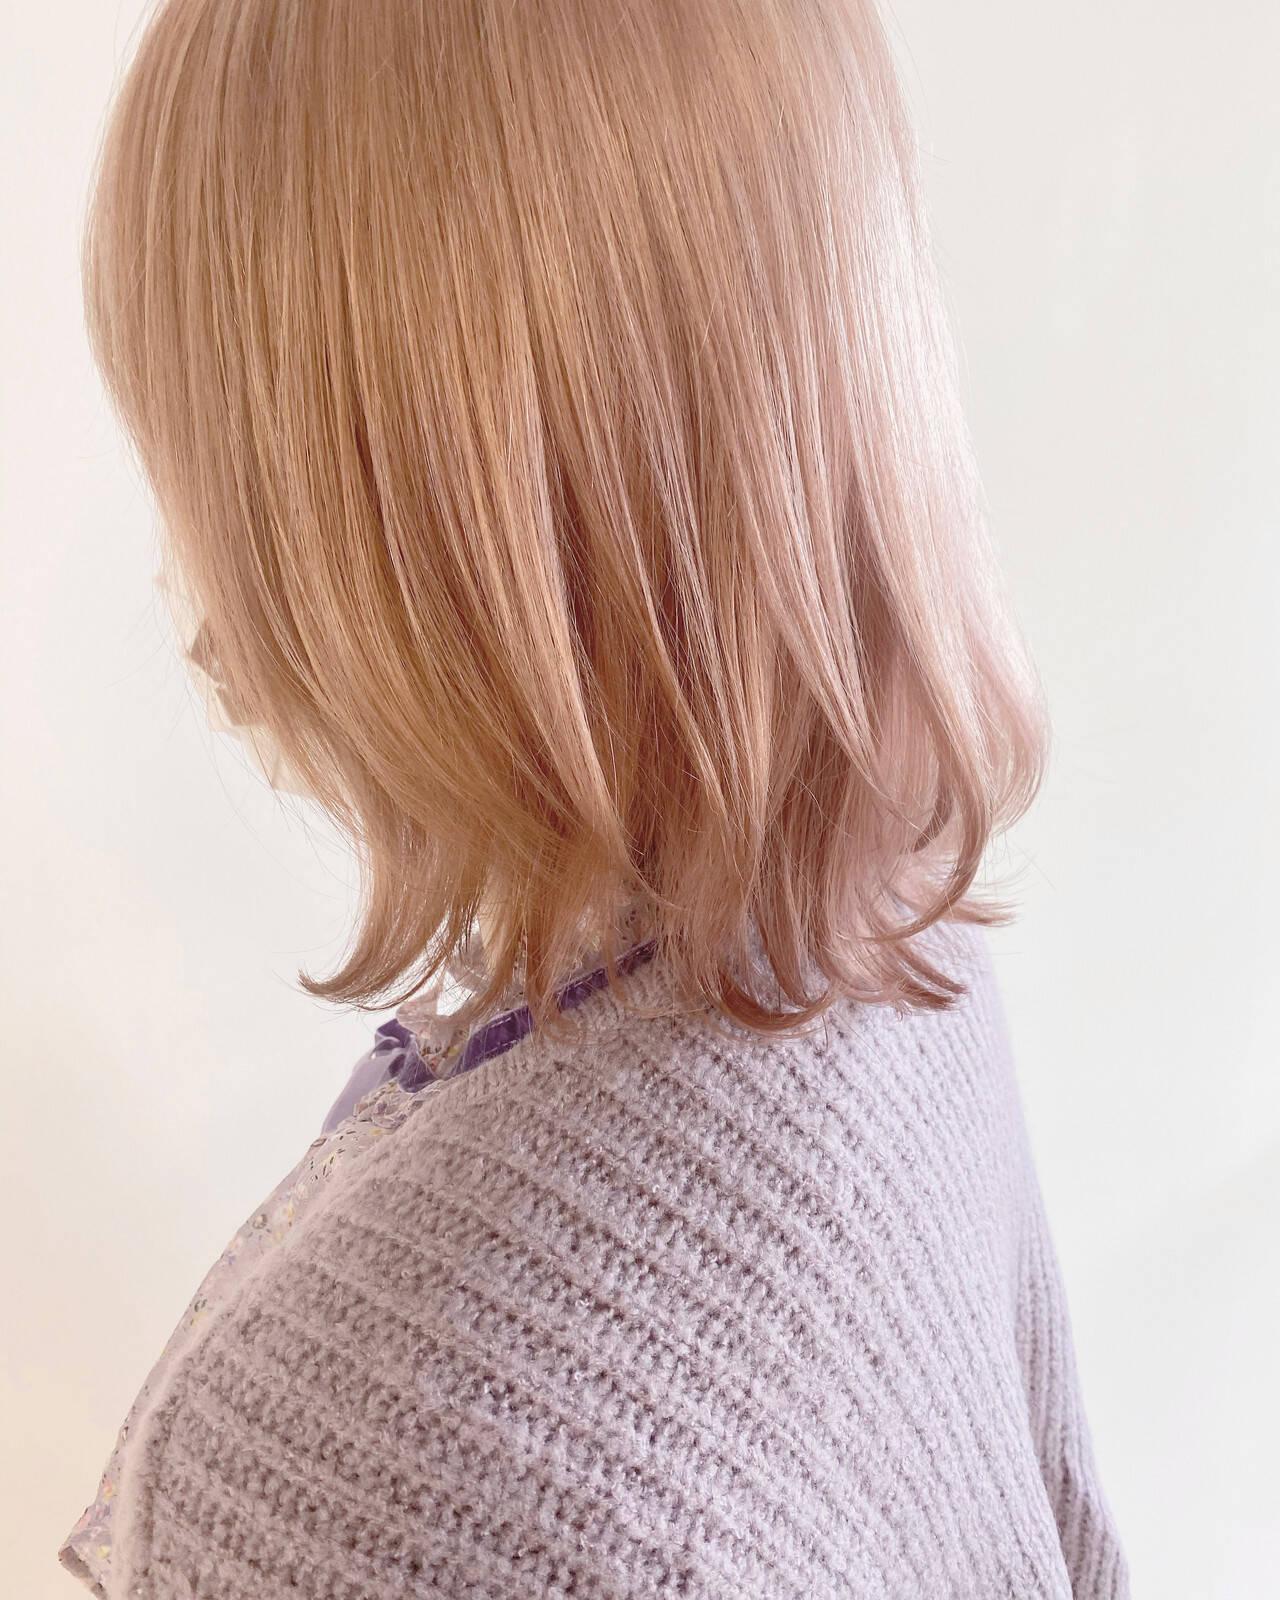 オレンジベージュ フェミニン ブリーチ必須 透明感カラーヘアスタイルや髪型の写真・画像